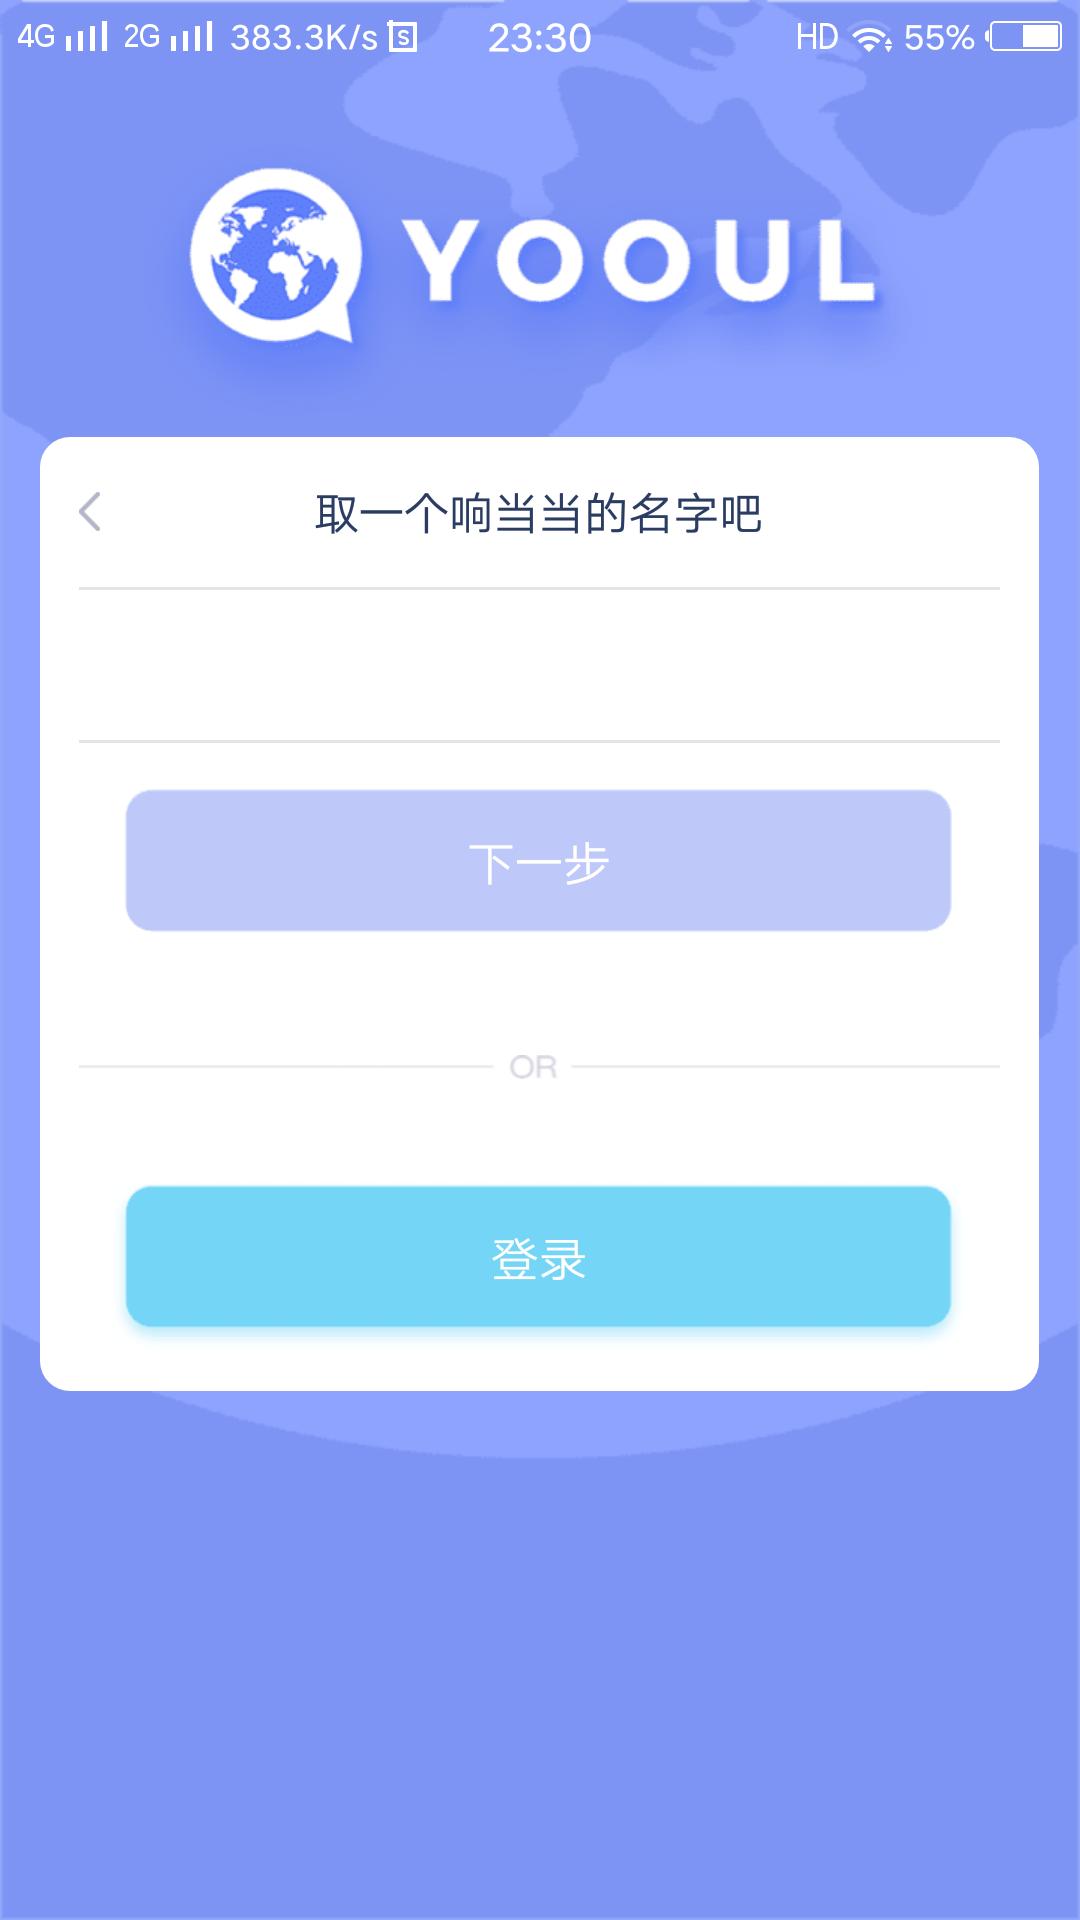 YOOUL_v1.7.4 免翻墙 跟国外小姐姐聊s插图